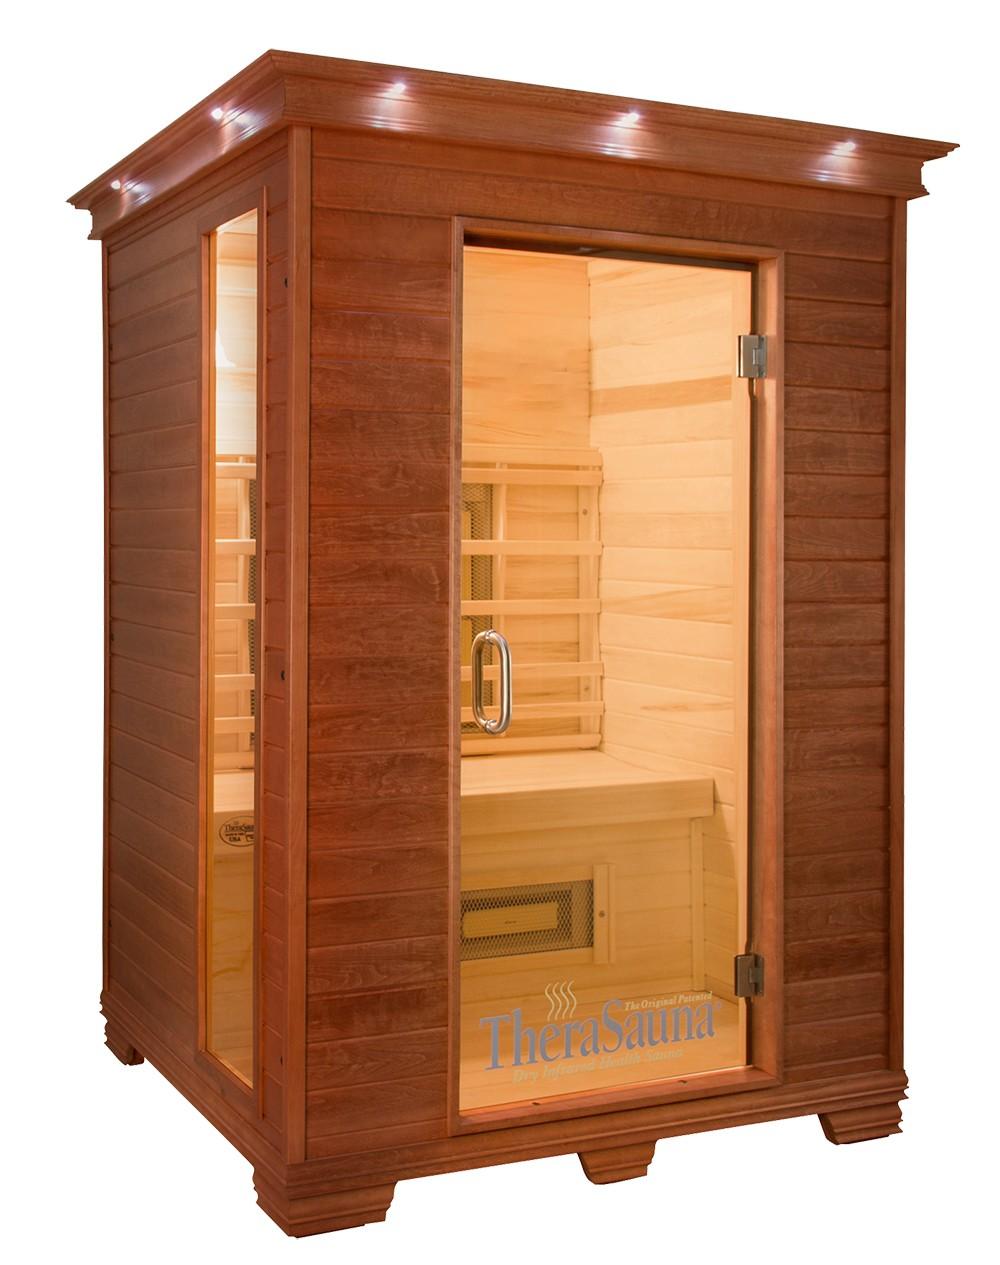 TheraSauna TS5753 Far Infrared Sauna